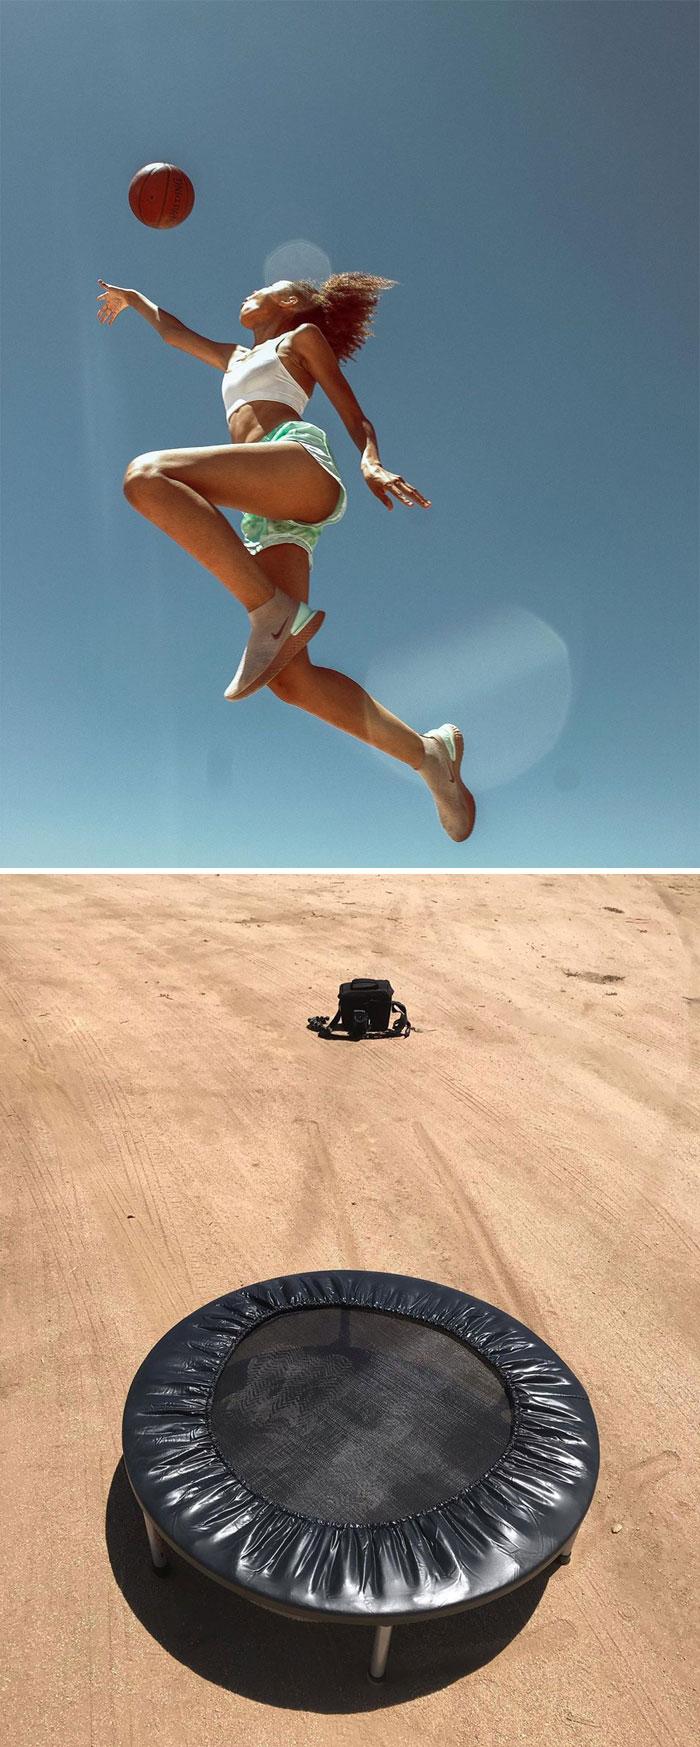 Photo-Shoot-Behind-The-Scenes-Kimberly-Douglas